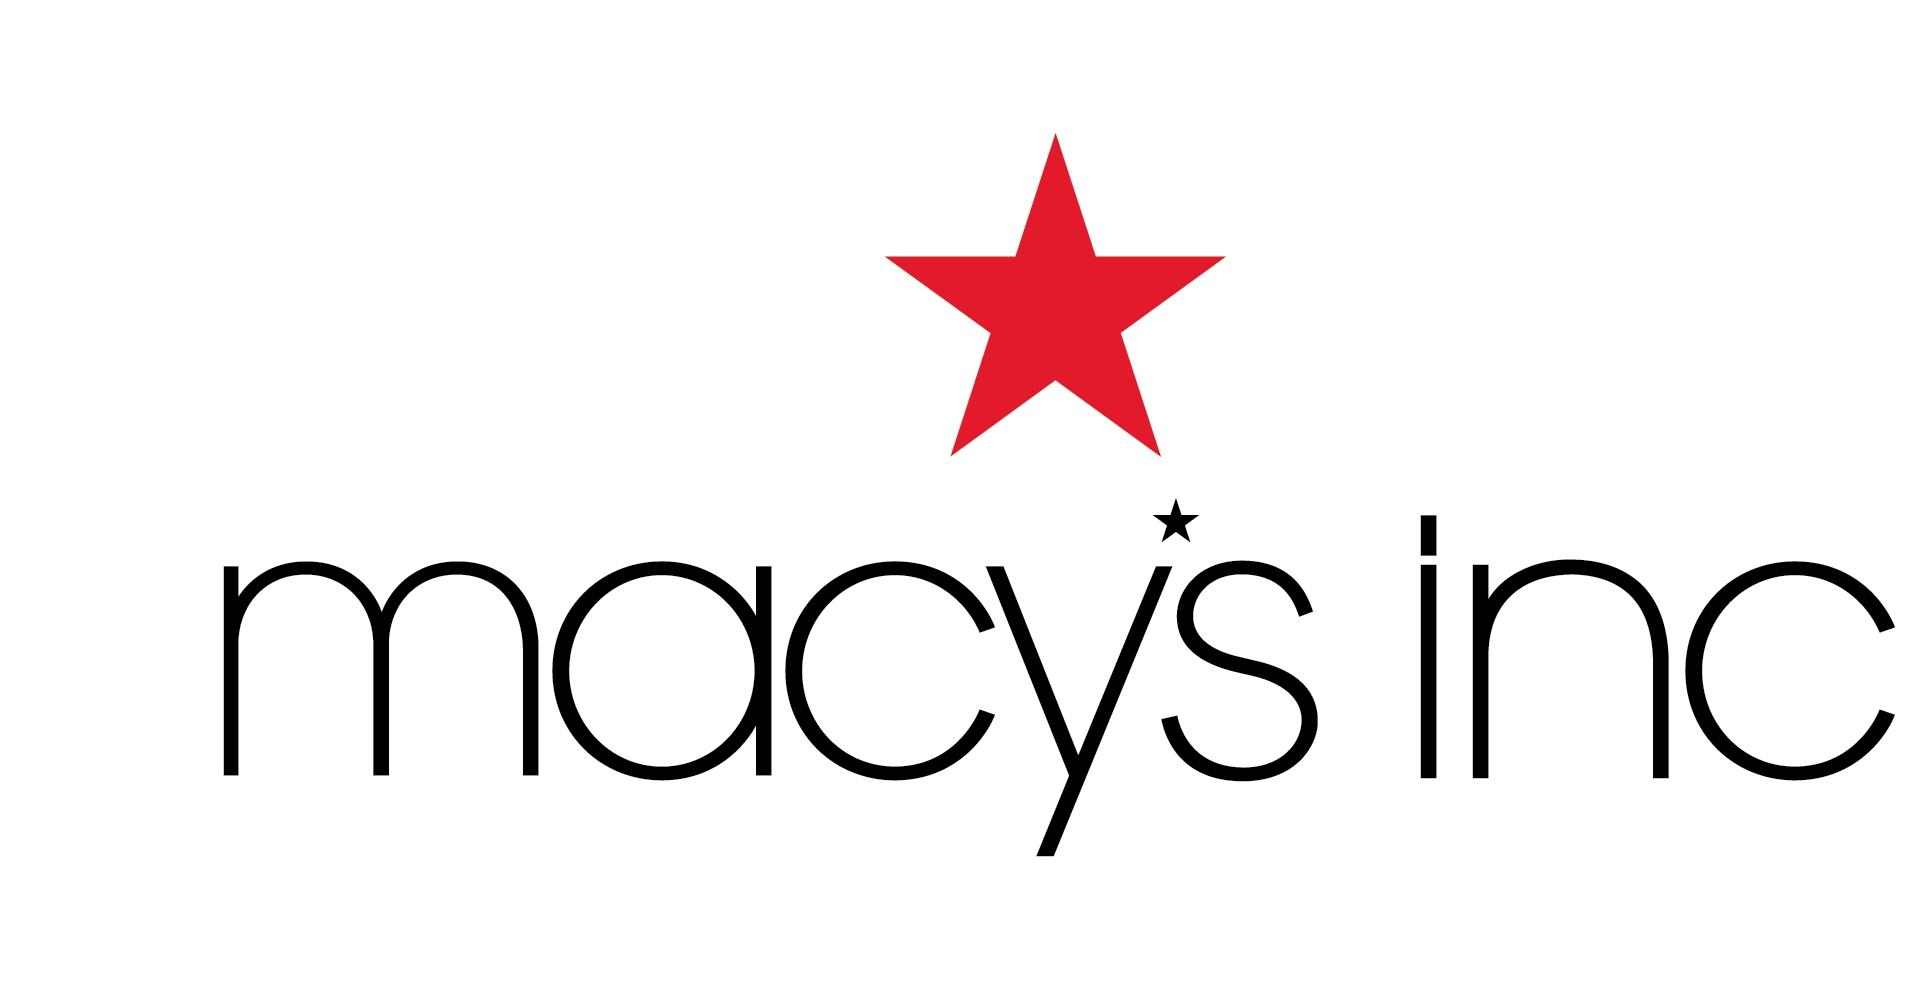 macys-inc-logo-red-black-on-white_high.jpg